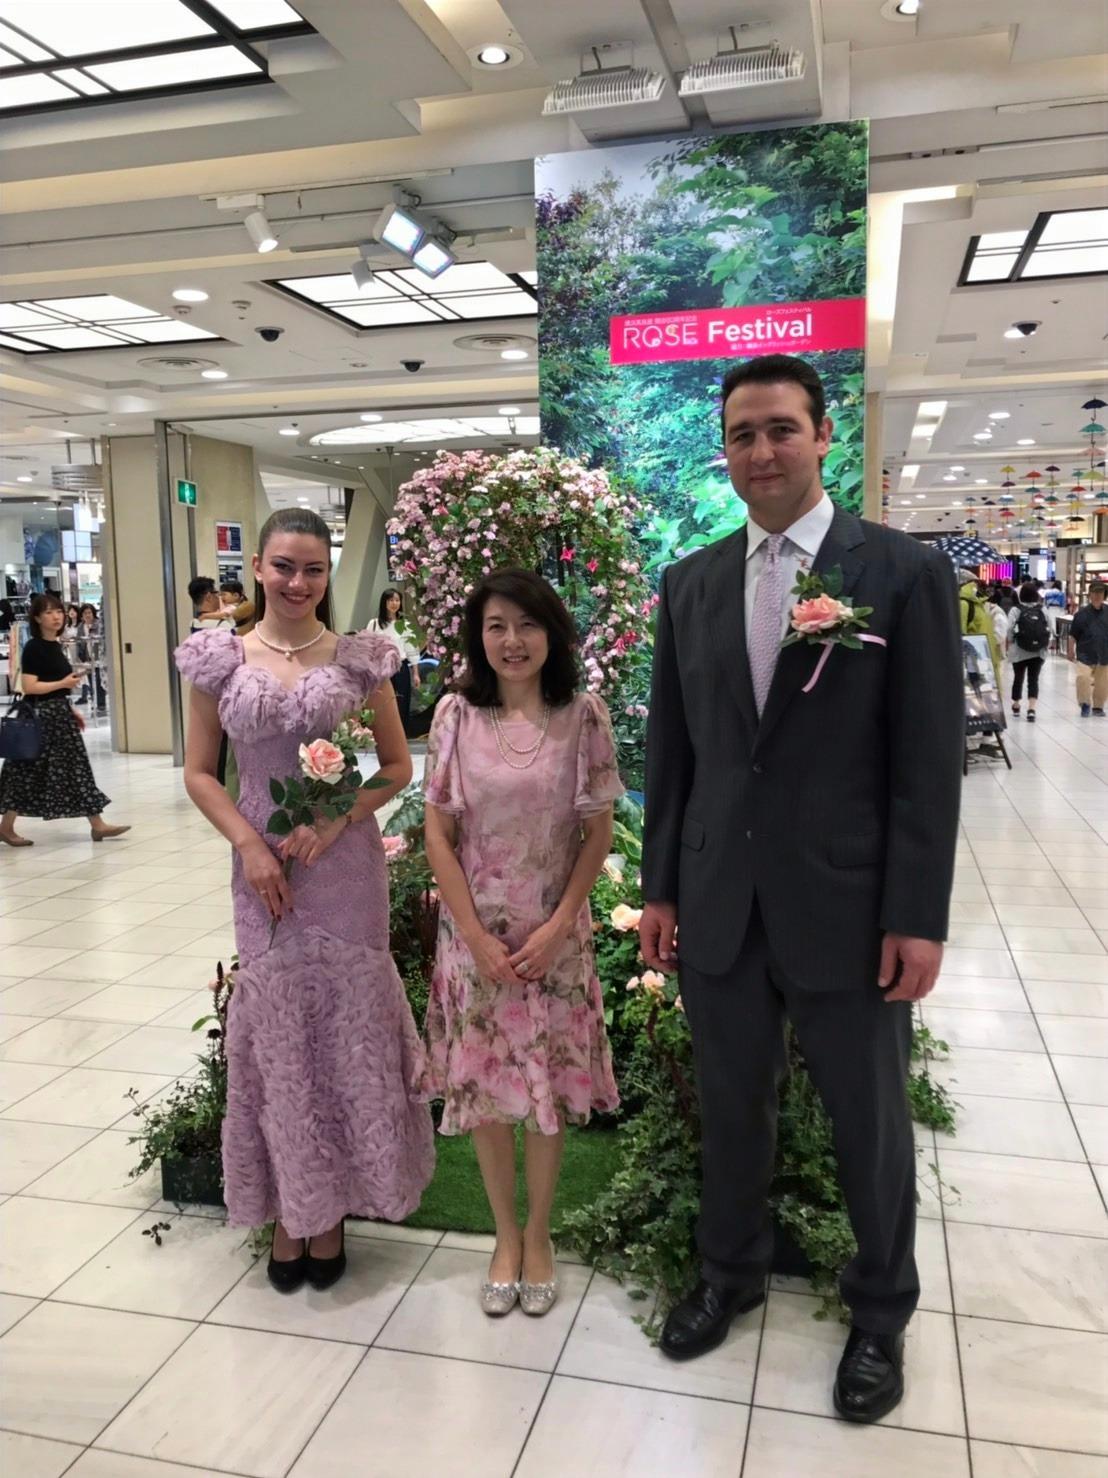 バラの女王絵画展 バラの女王と琴欧州とともに 横浜高島屋にて